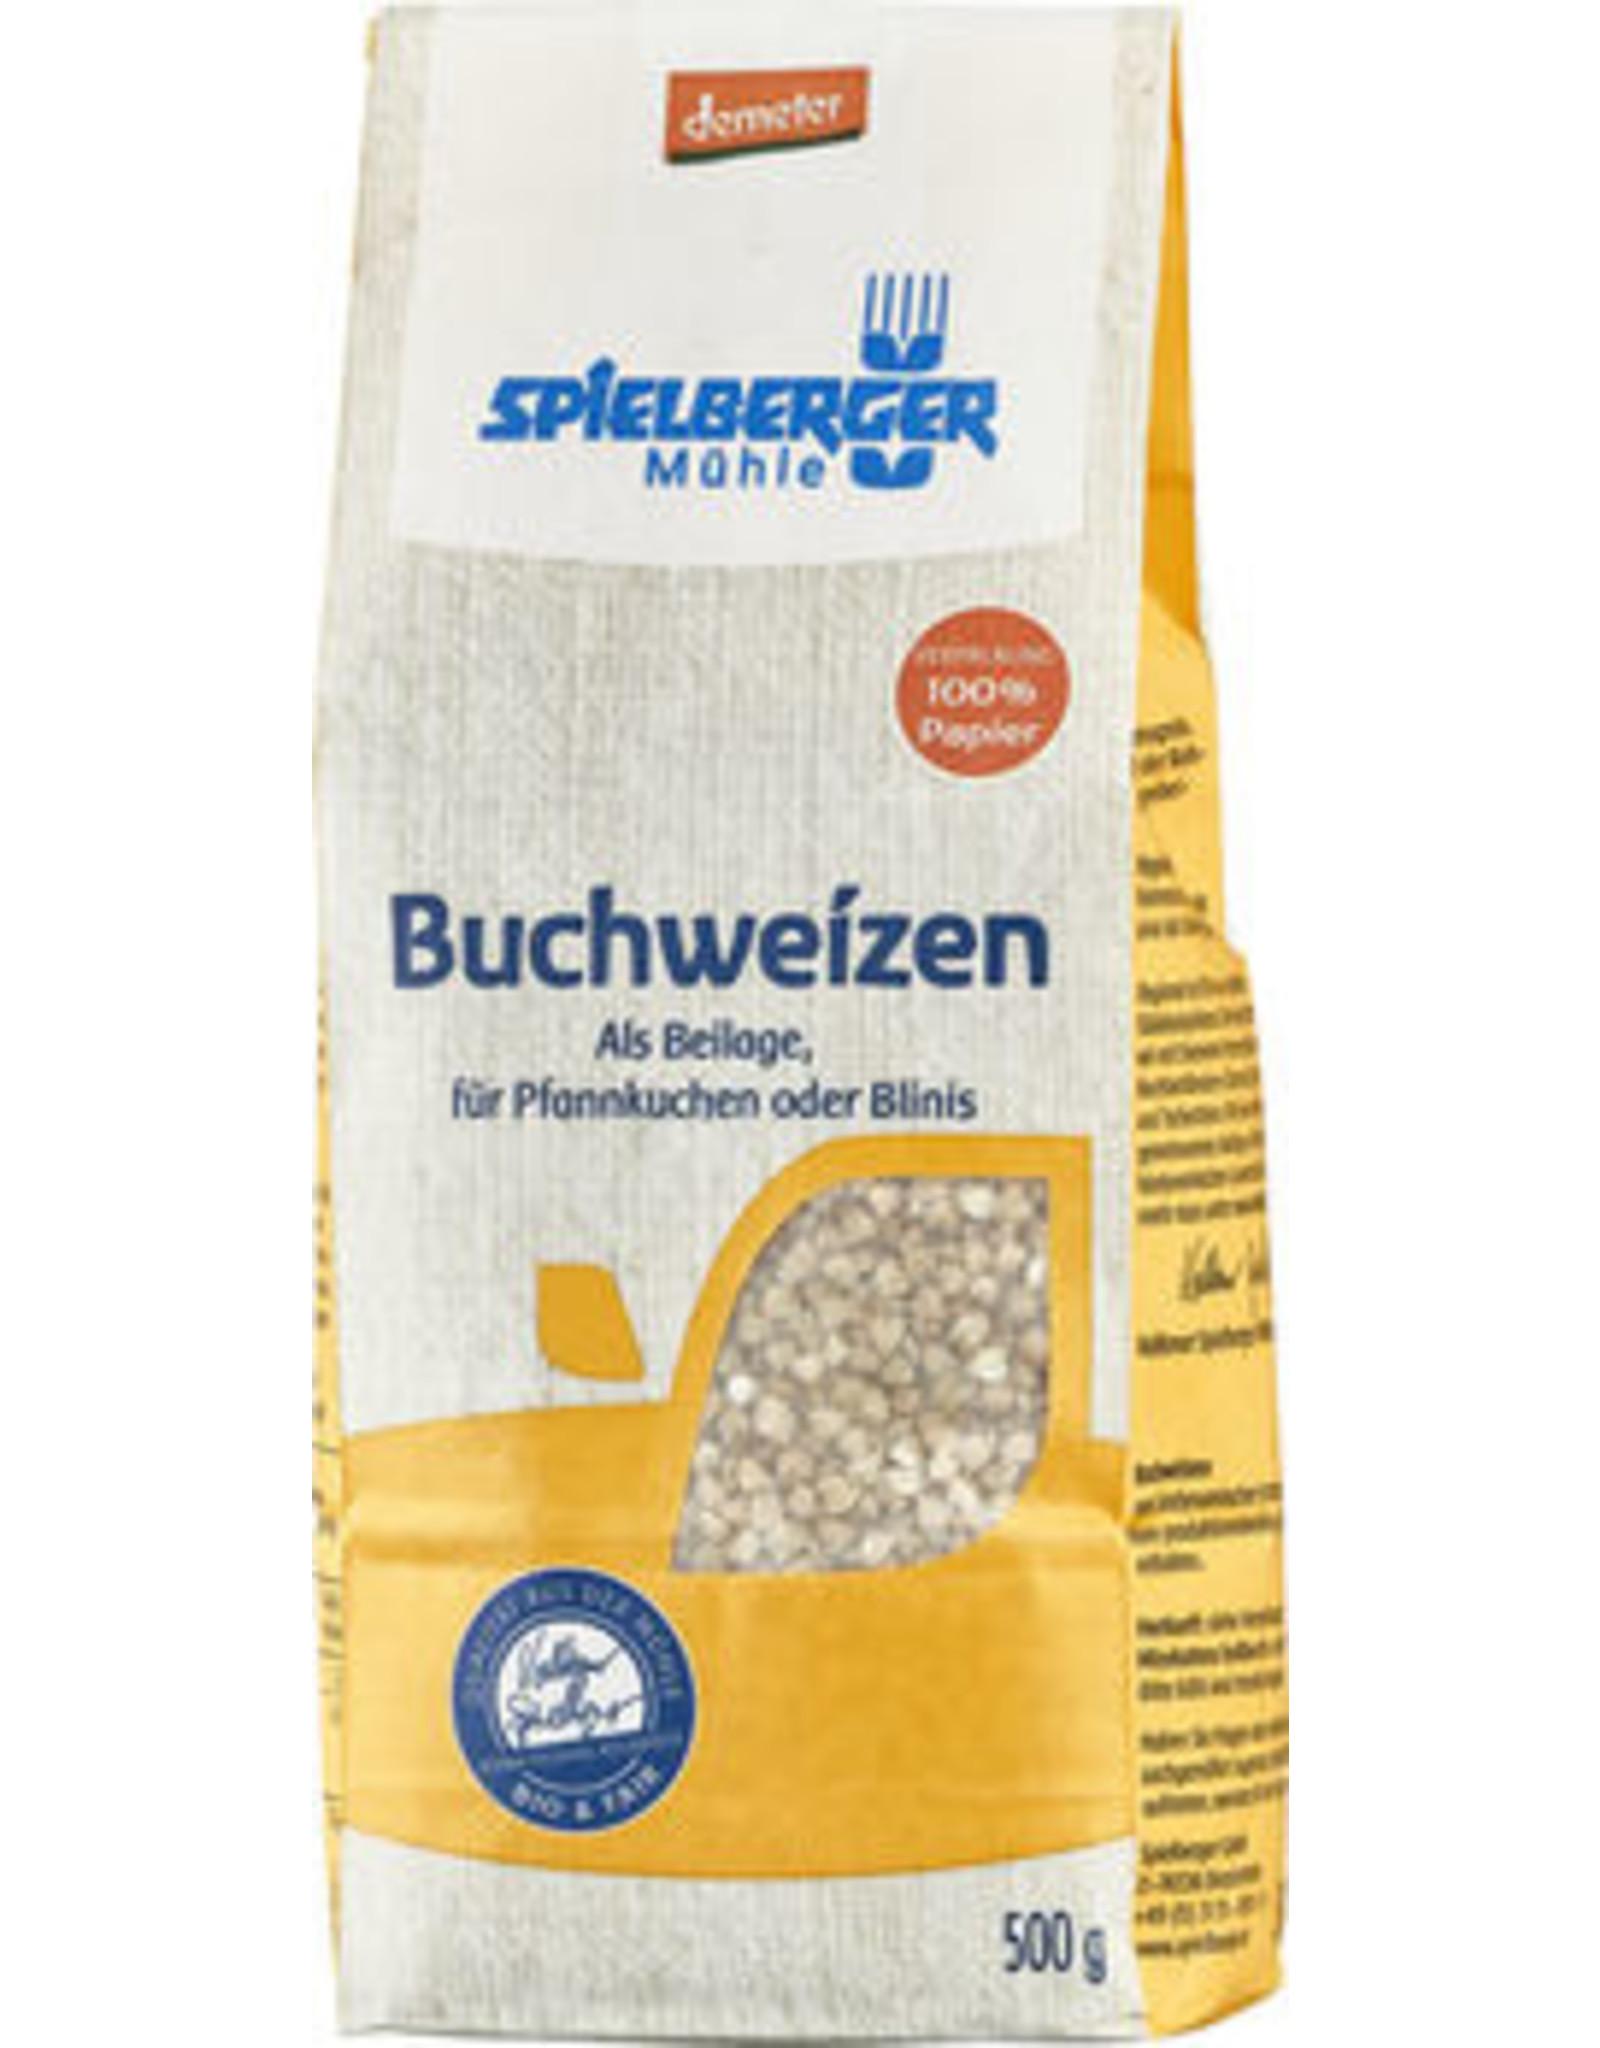 SPIELBERGER Buchweizen, demeter 500g